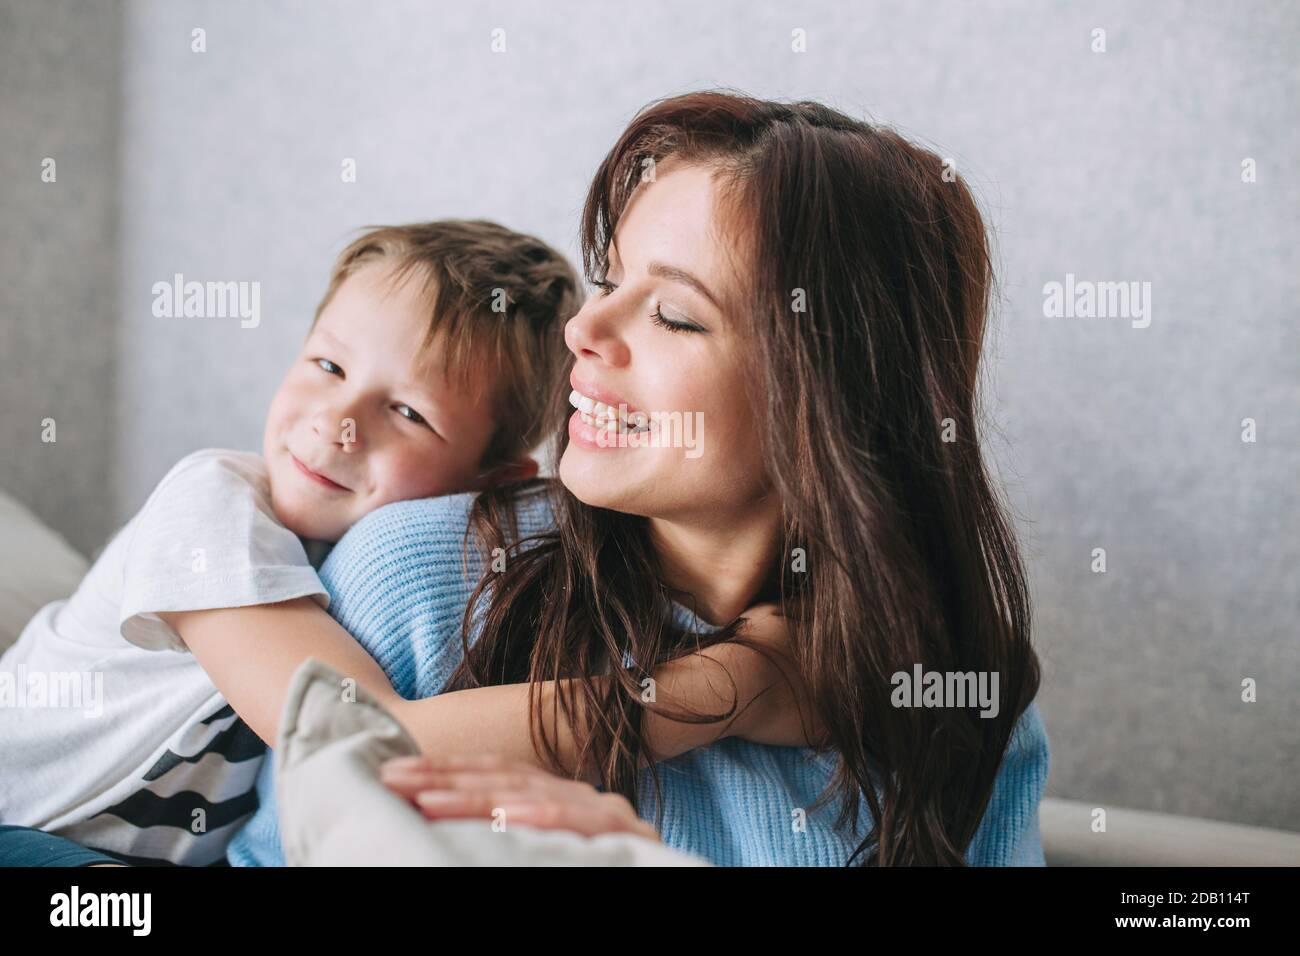 Mutter und Sohn. Alles gute zum Muttertag. Sohn umarmt seine Mutter Stockfoto